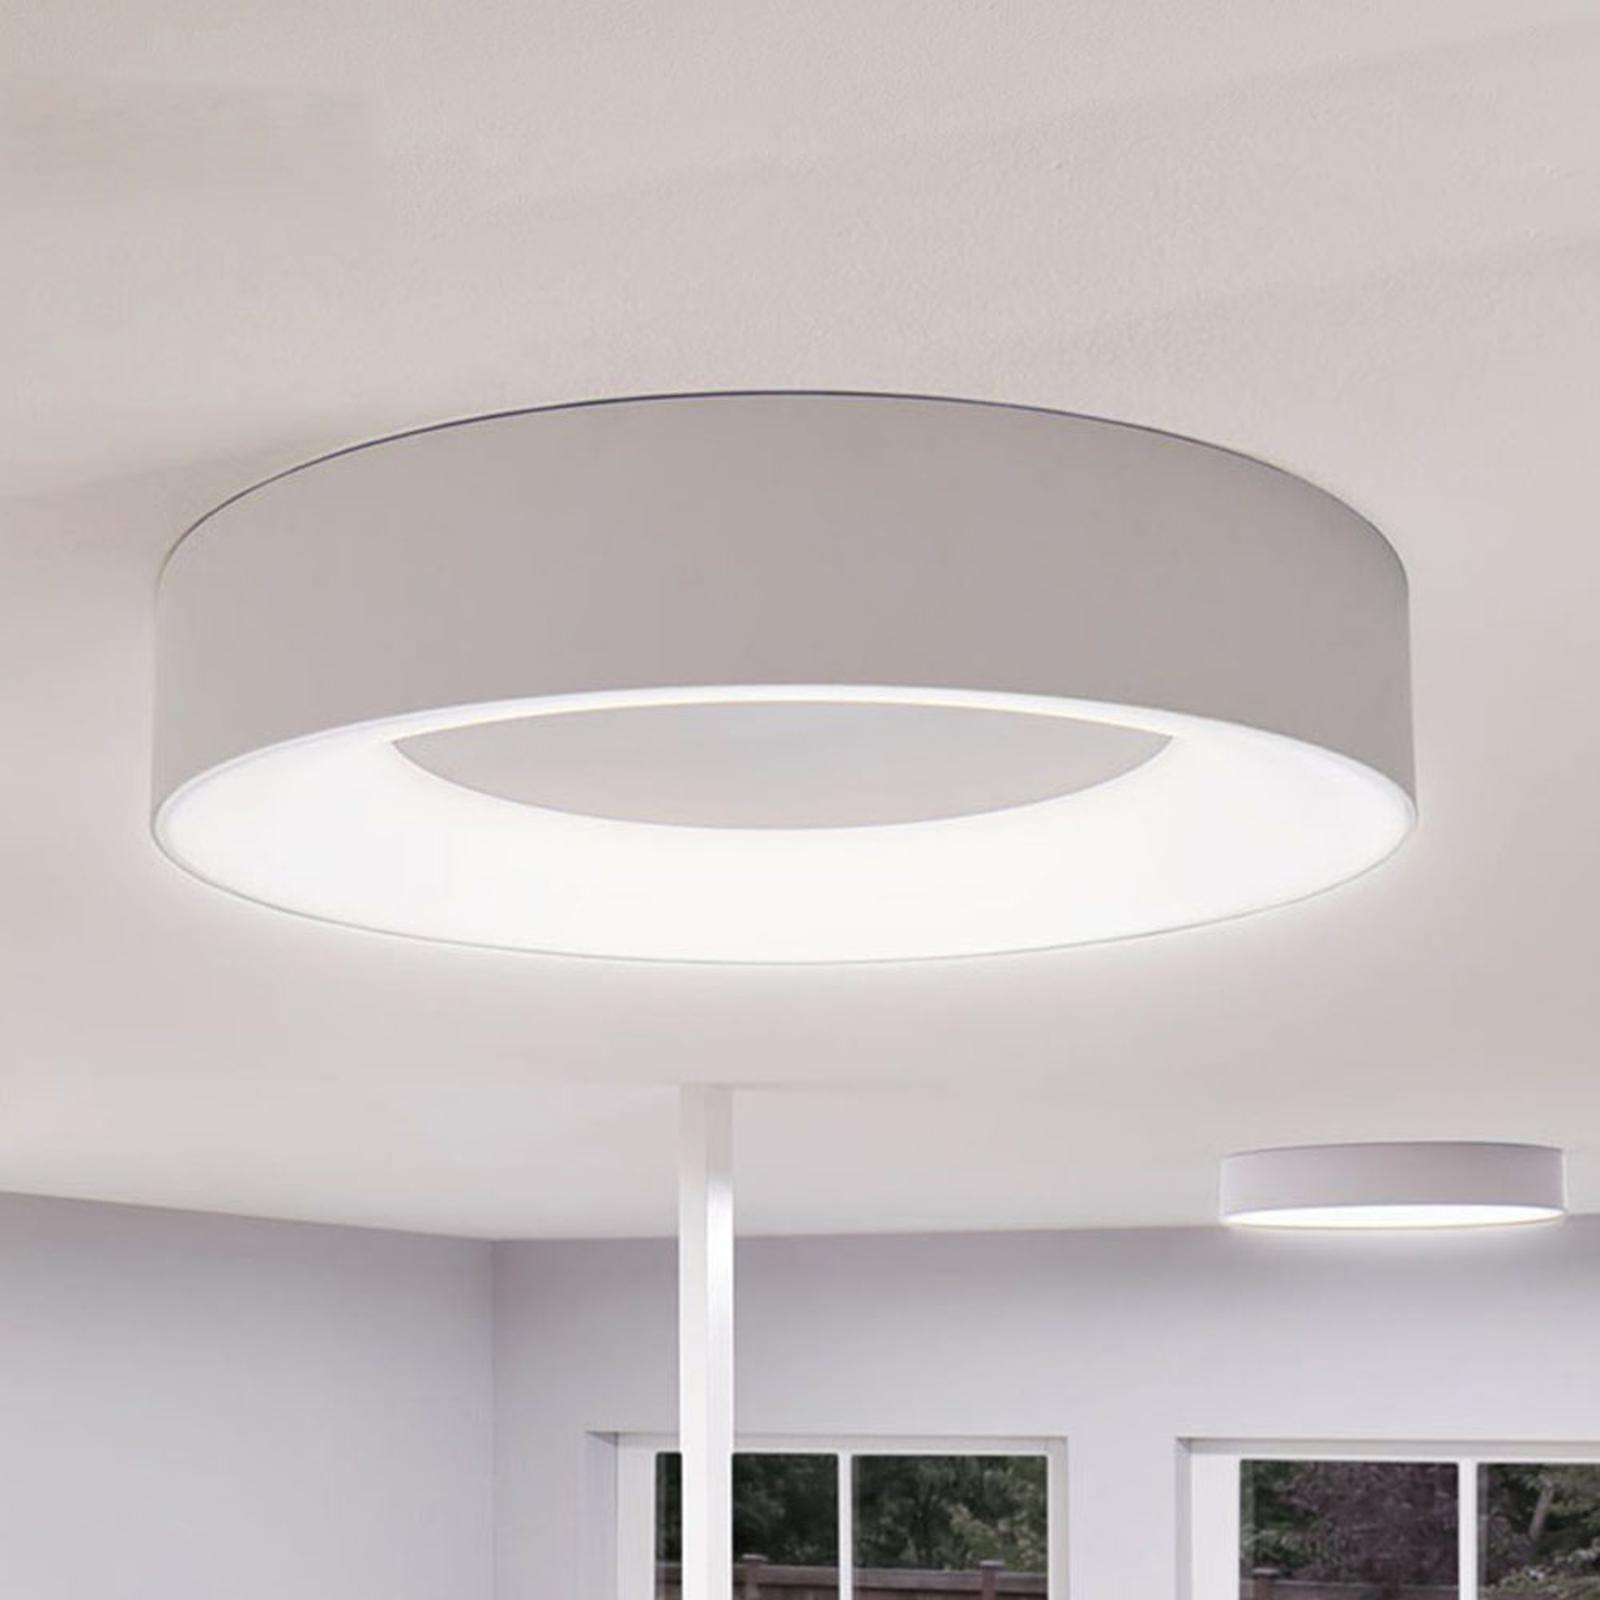 Paulmann HomeSpa Casca LED-taklampe, Ø 40 cm